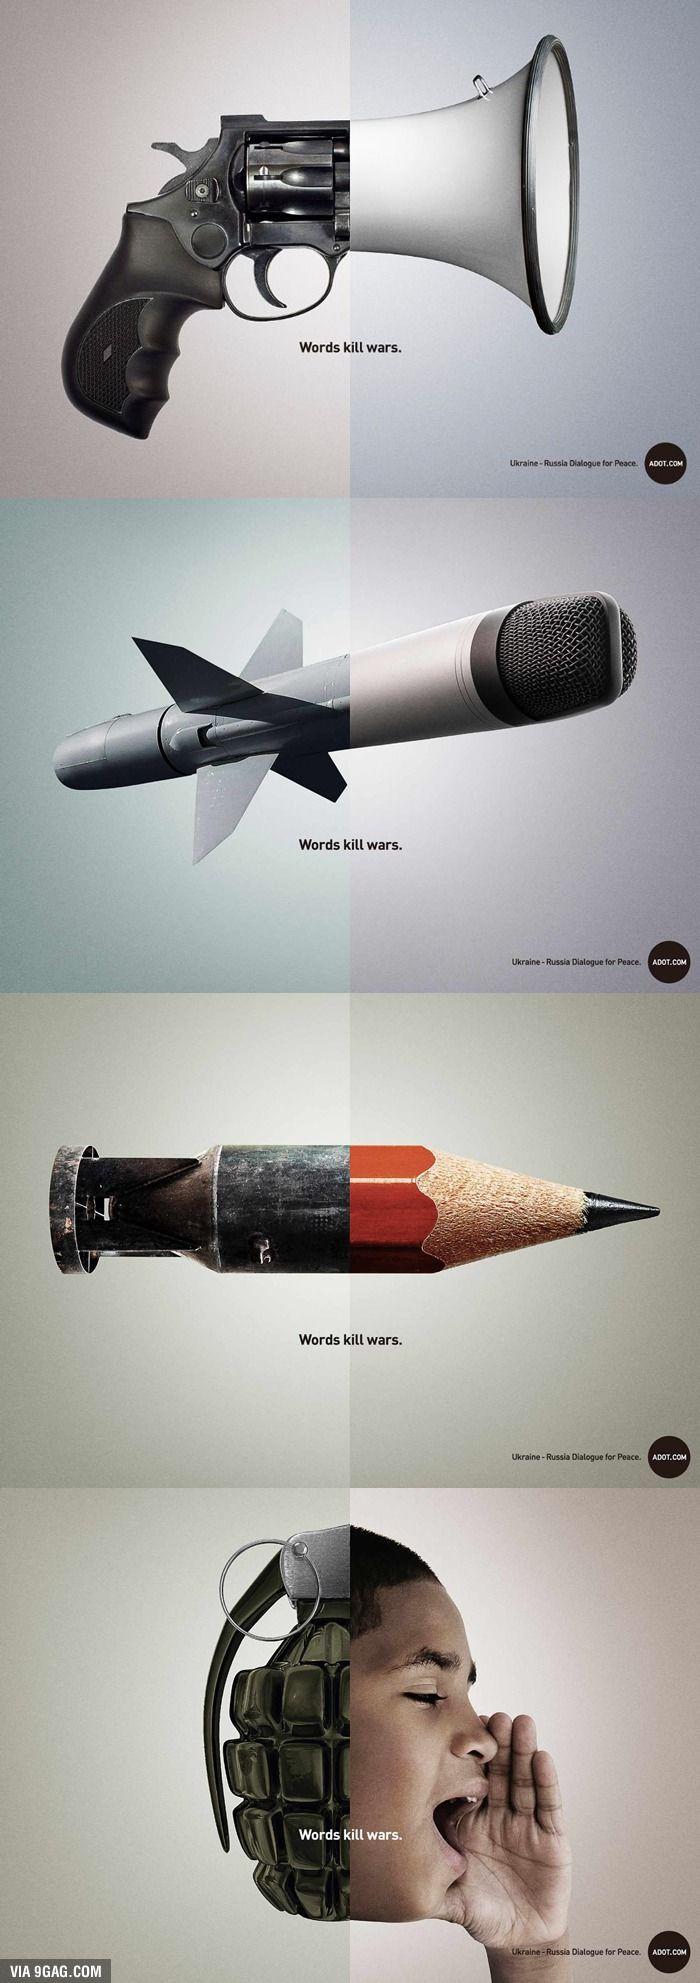 Las palabras matan guerras. Excelente publicidad creativa contra la guerra.  Las…